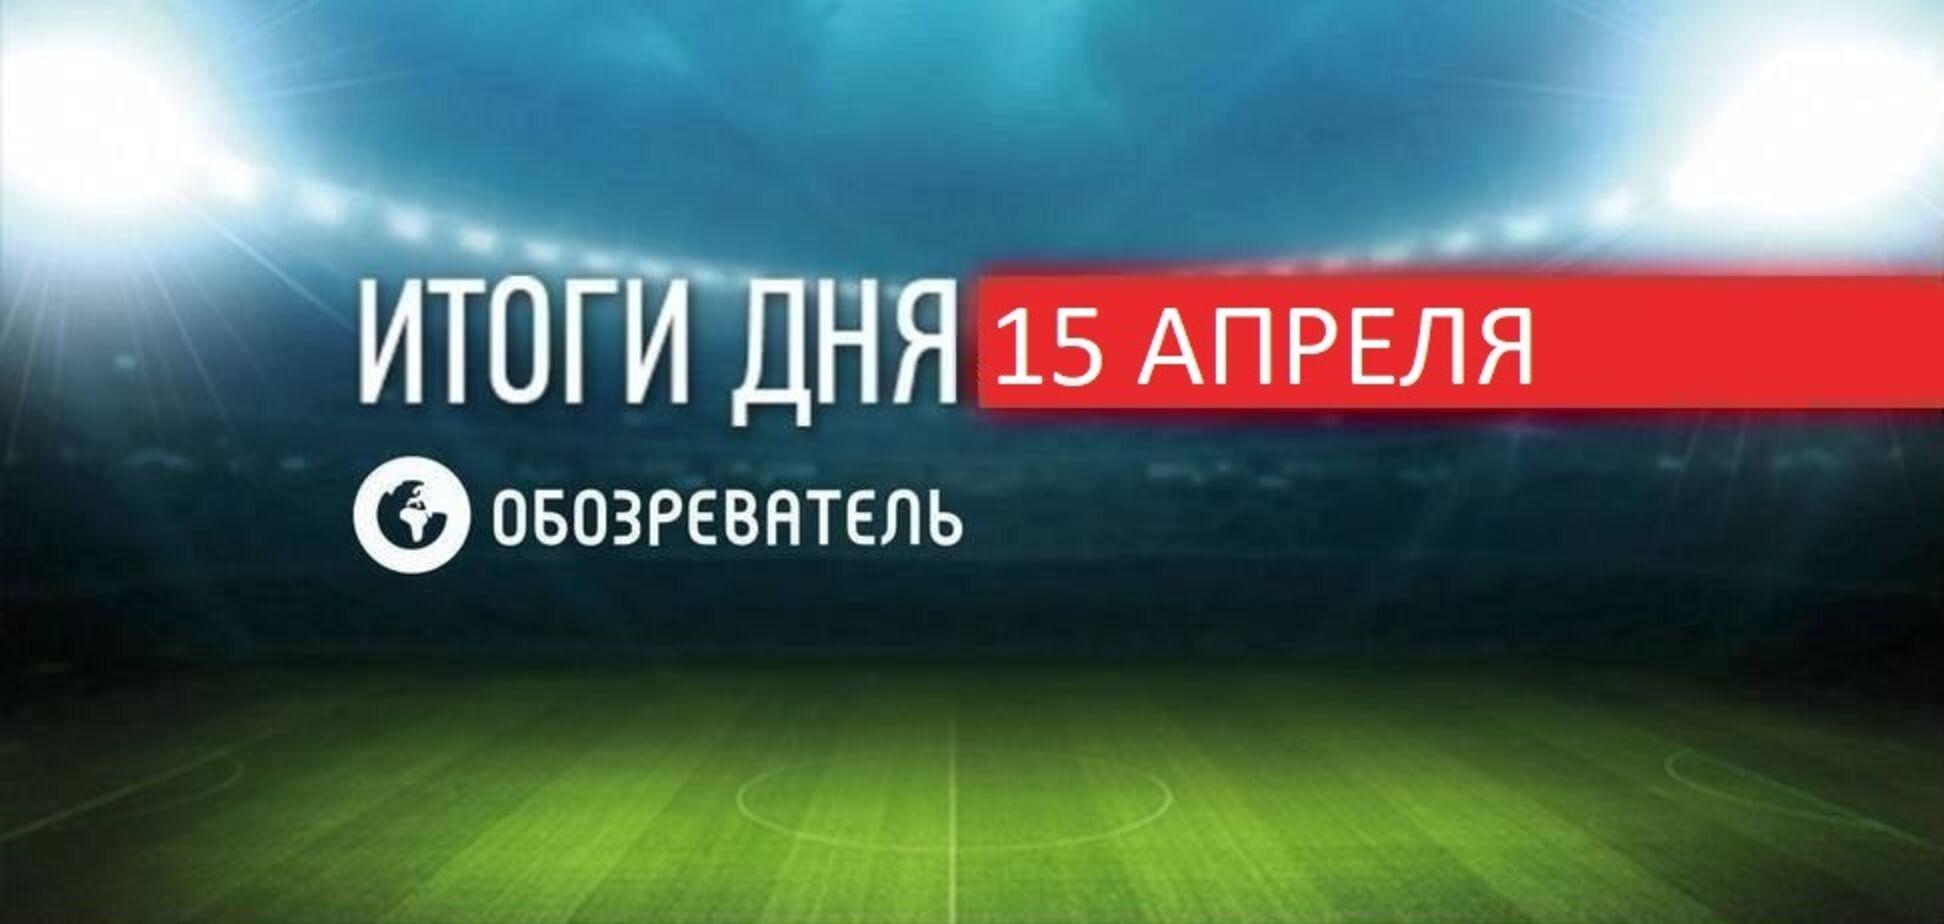 Новини спорту 15 квітня: Гвоздик виступив проти бою Усик – Джошуа